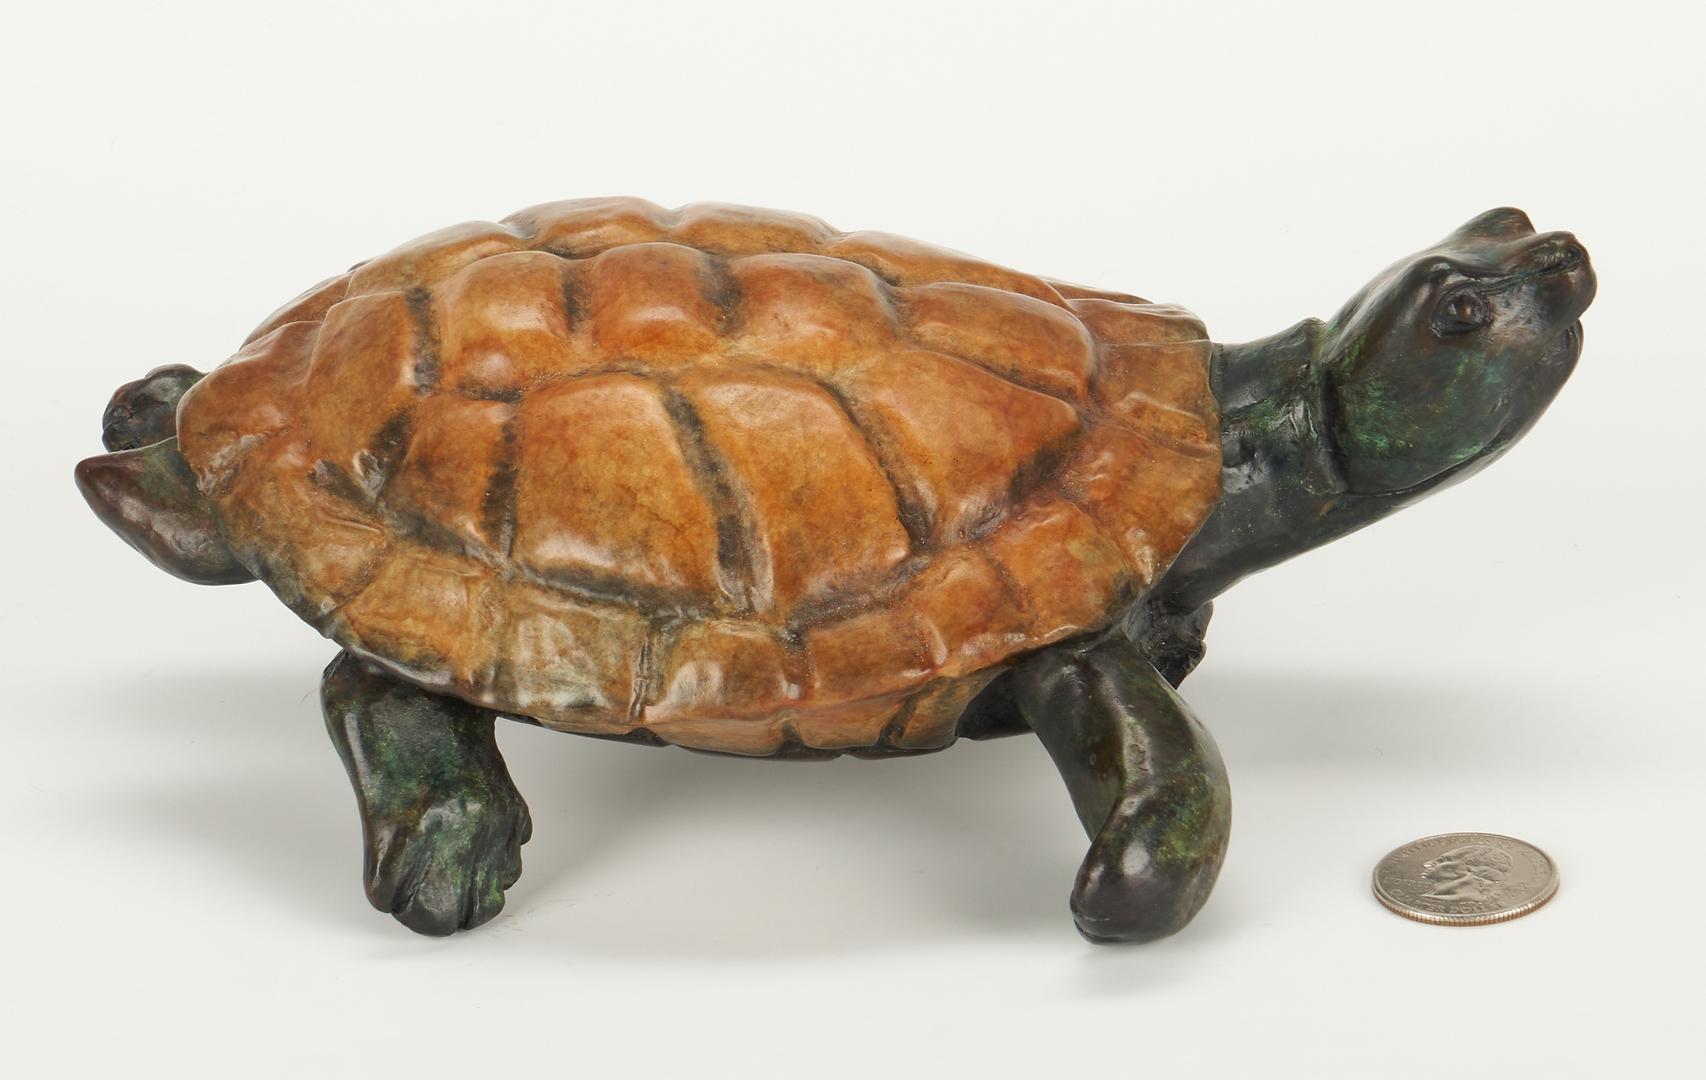 Lot 1019: Robert Ball Bronze Sculpture of a Turtle